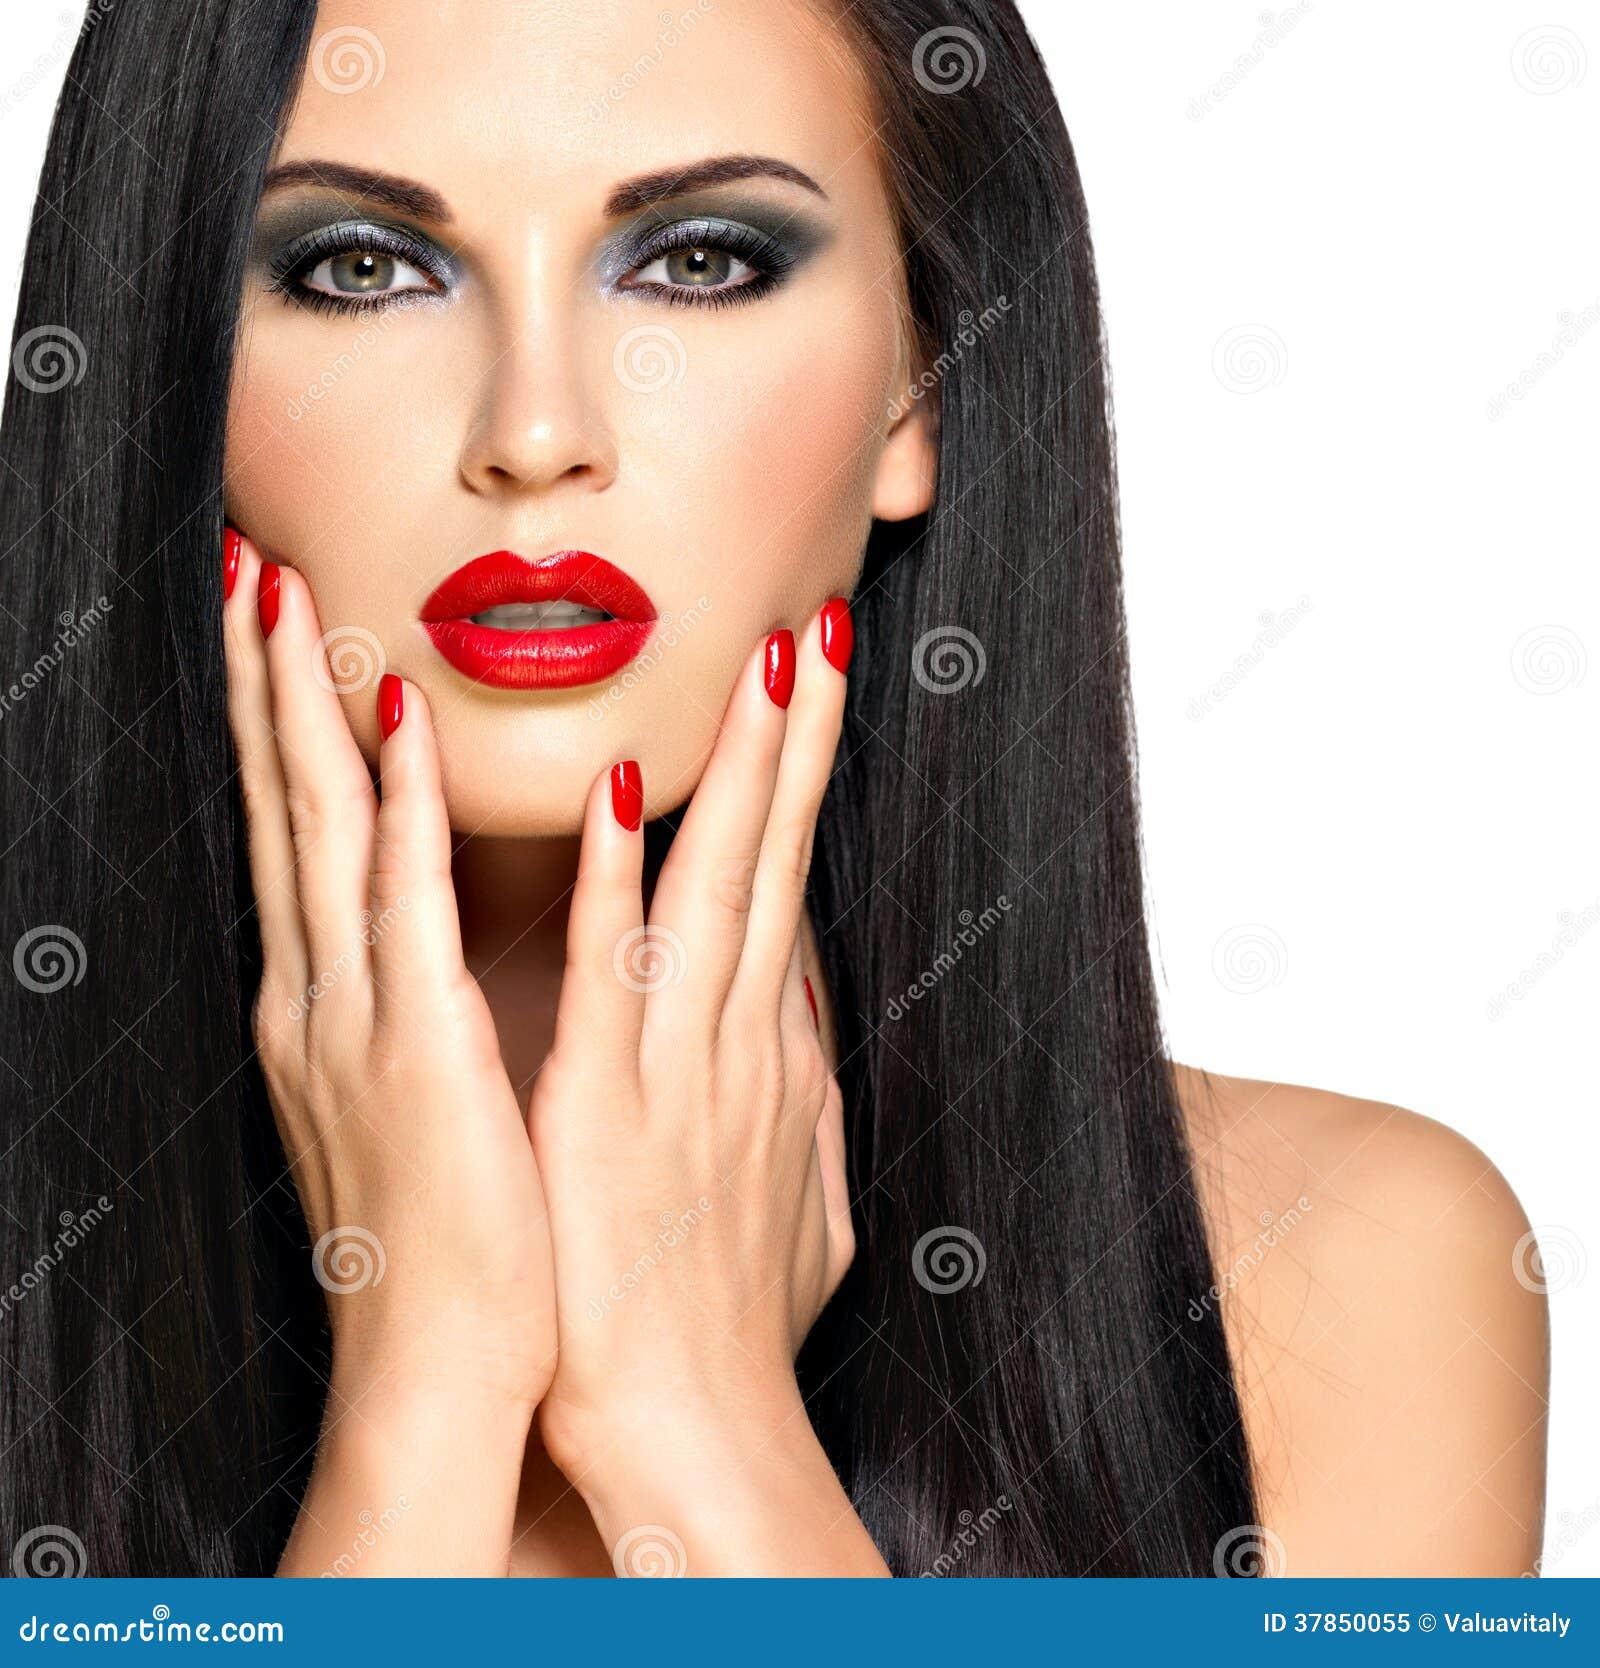 thumb Female models nails free